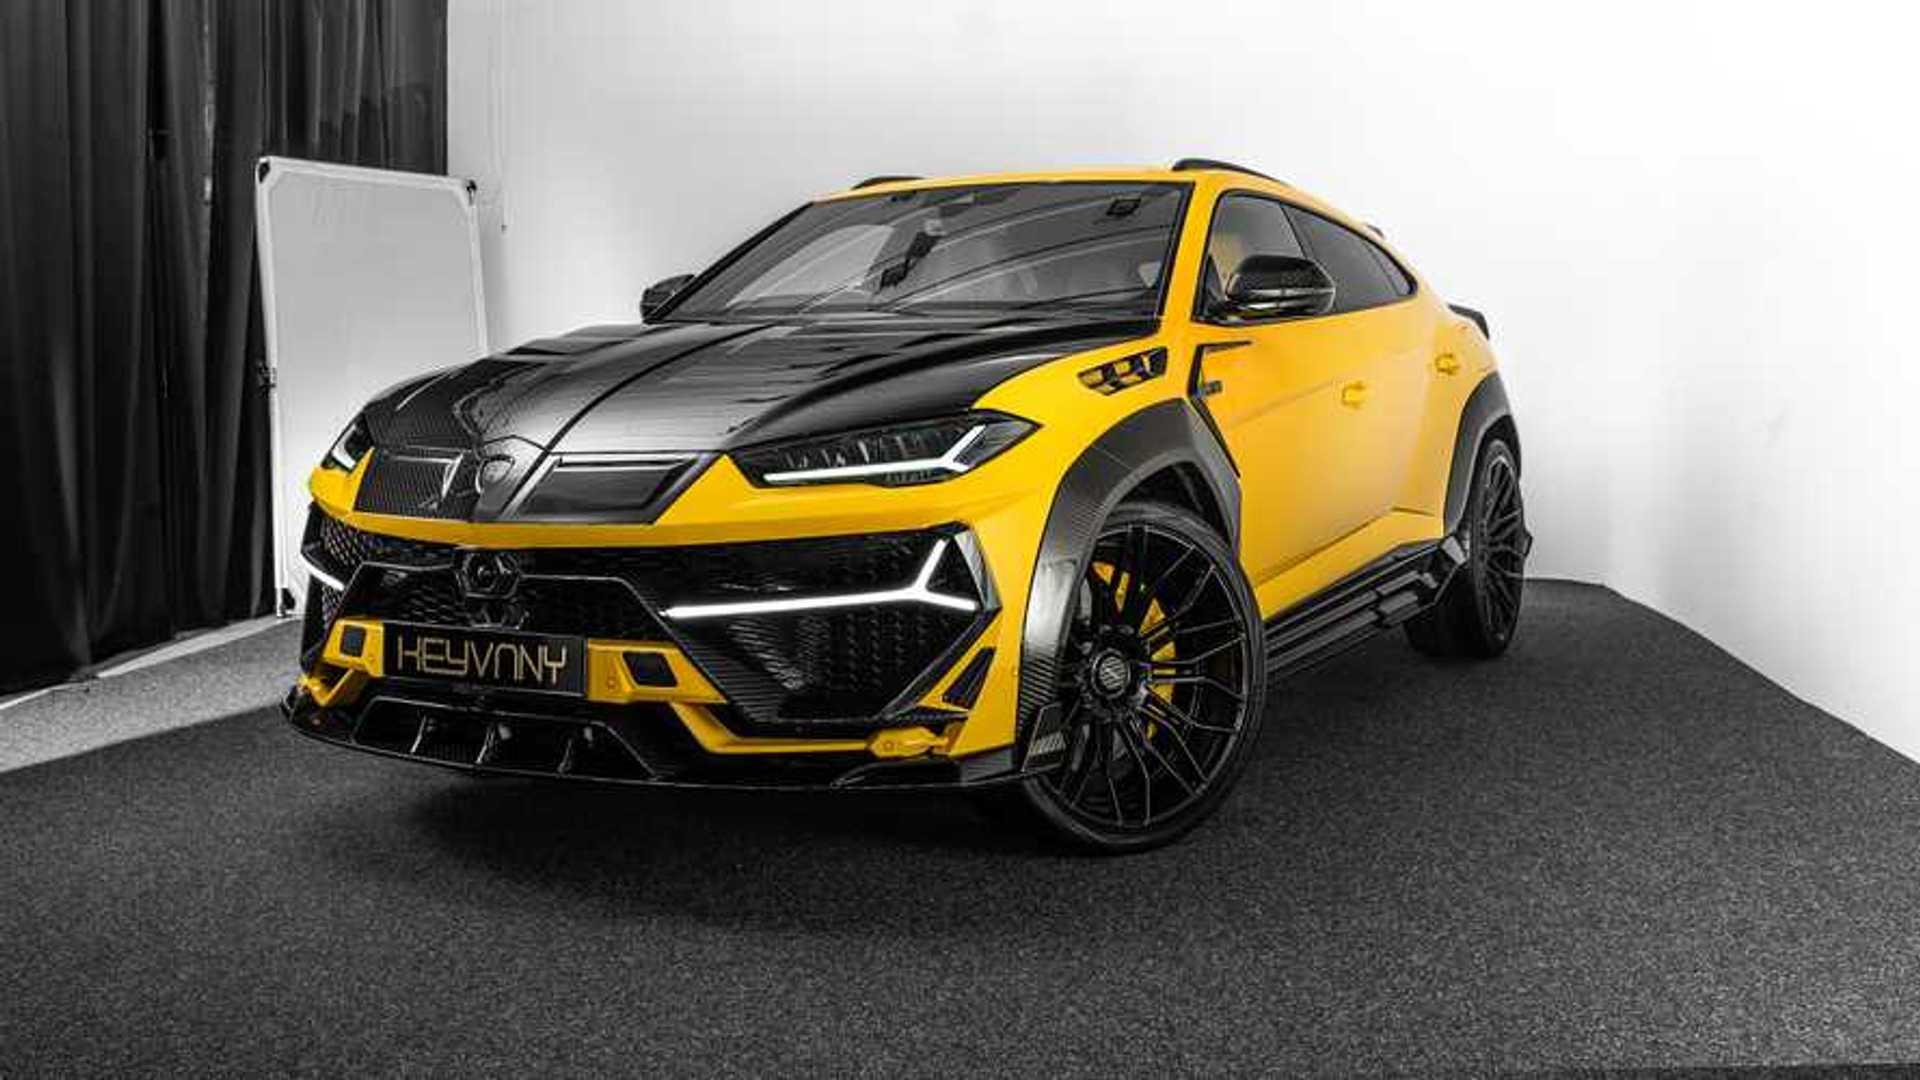 Esta Preparacion Del Lamborghini Urus Alcanza Los 820 Cv Y 325 Km H